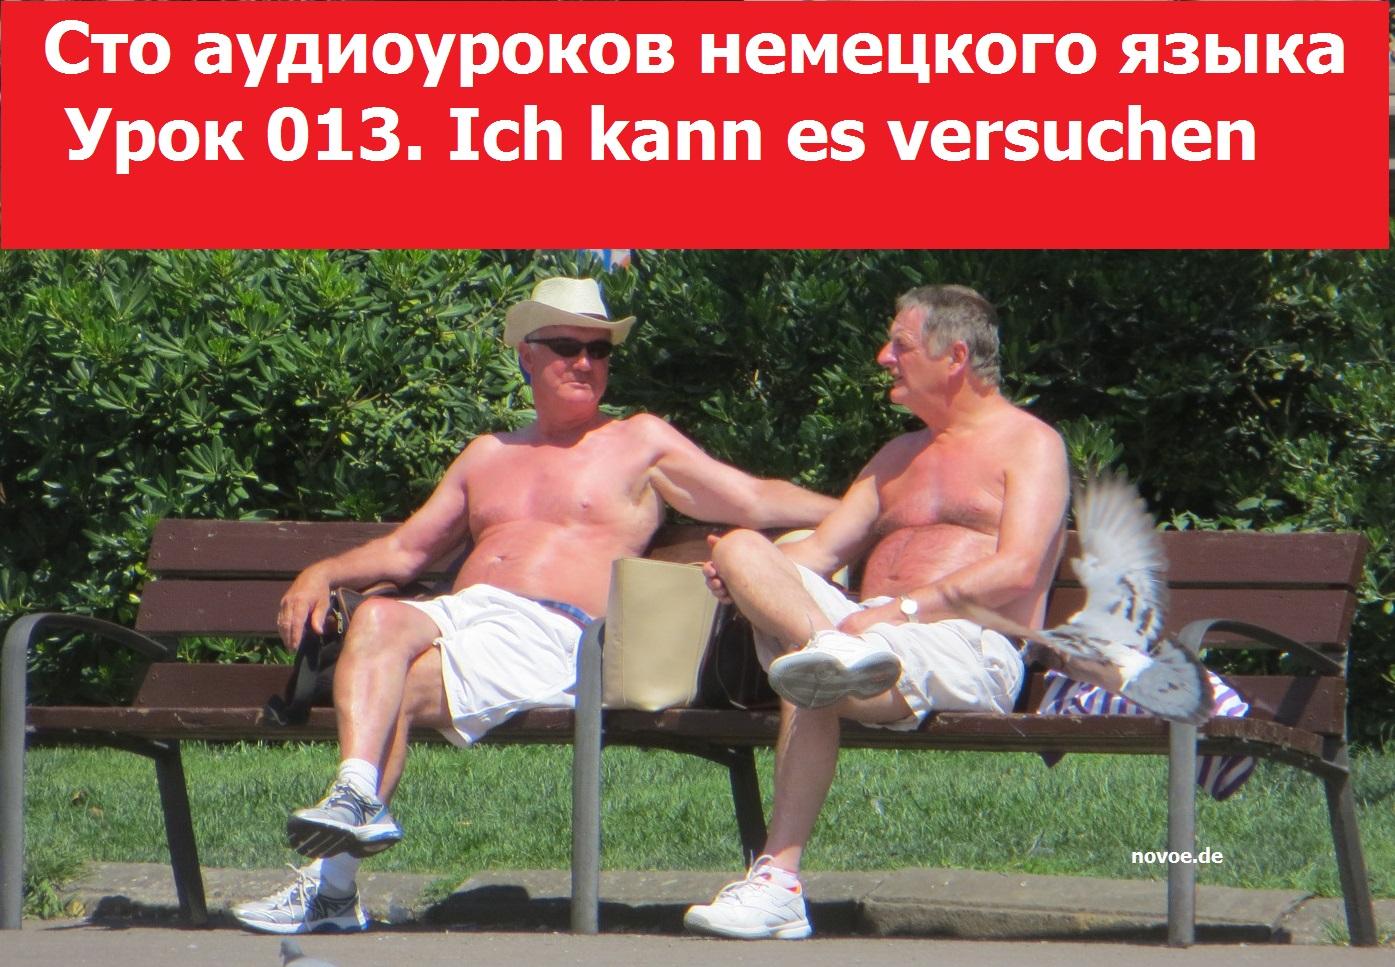 Аудиоуроки немецкого языка, Урок 013, Ich kann es versuchen, Я могу попробовать